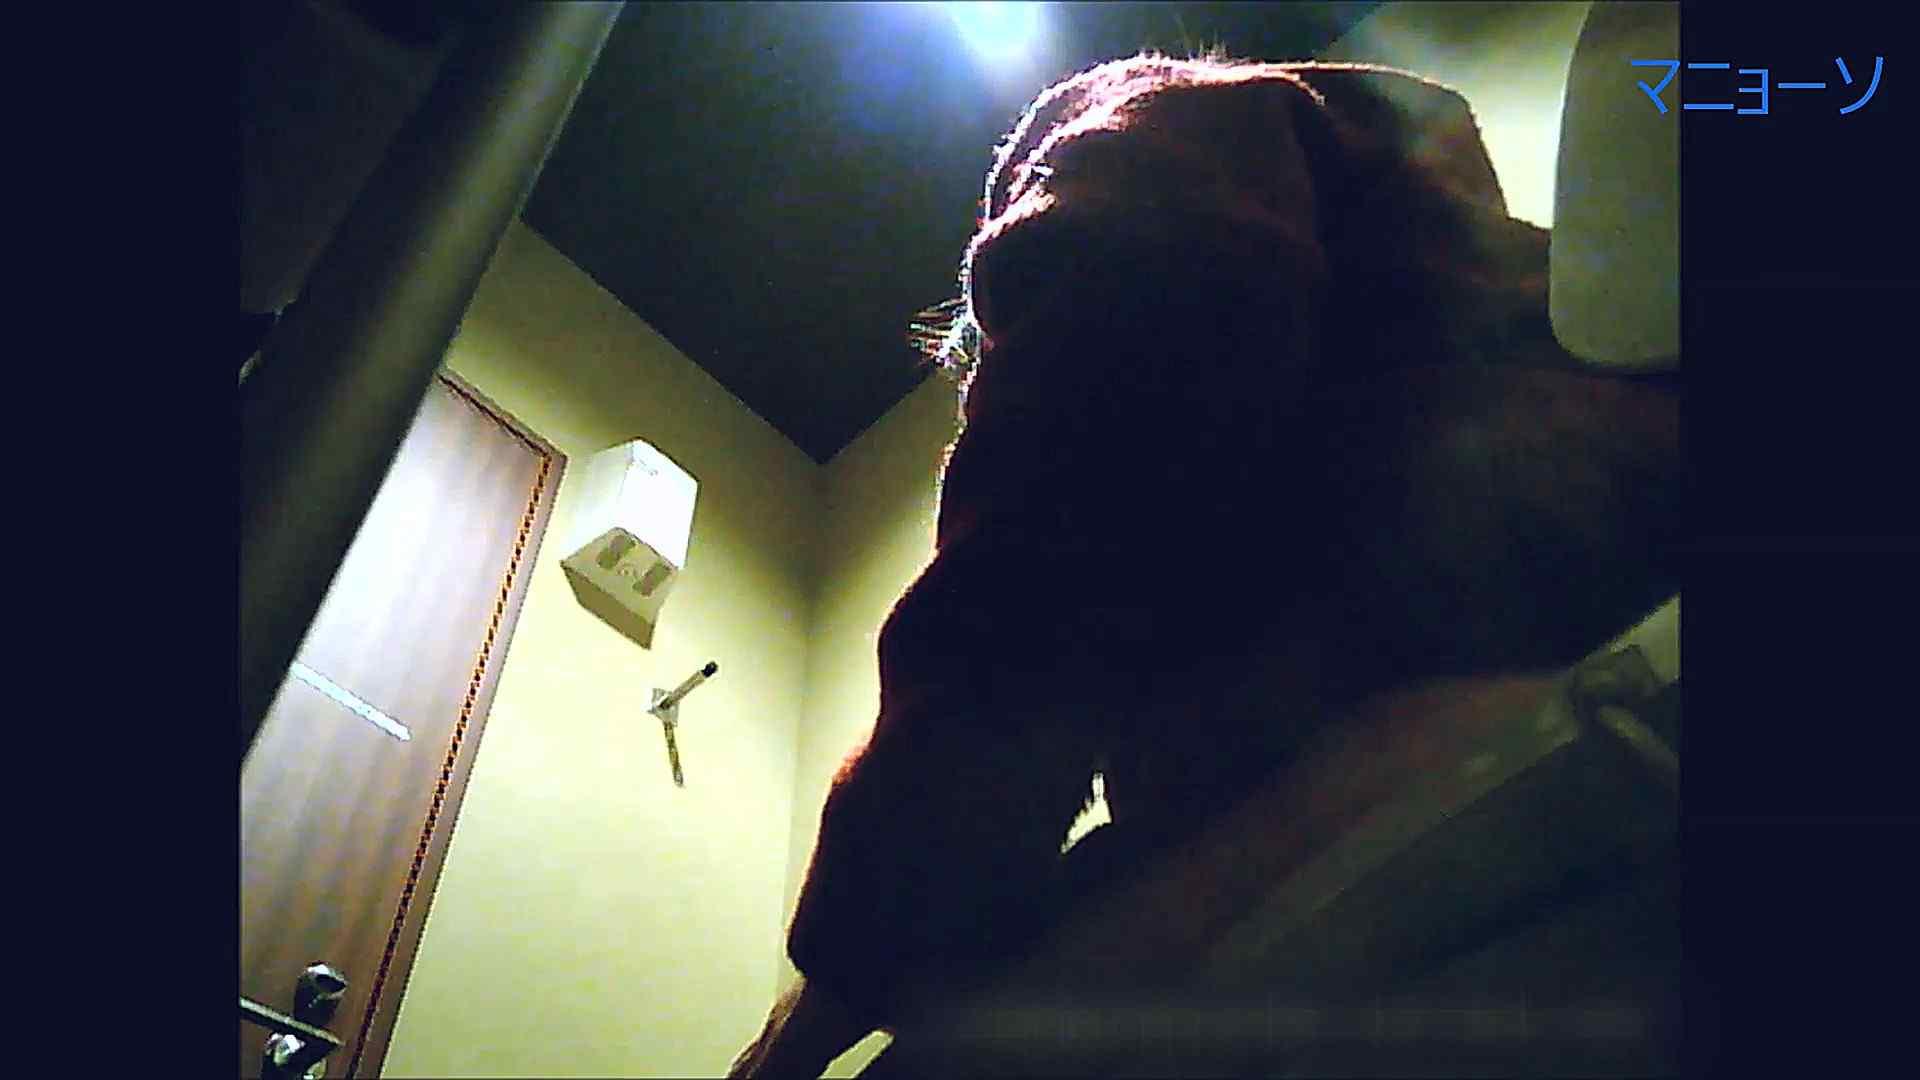 トイレでひと肌脱いでもらいました (JD編)Vol.07 OL  89pic 23